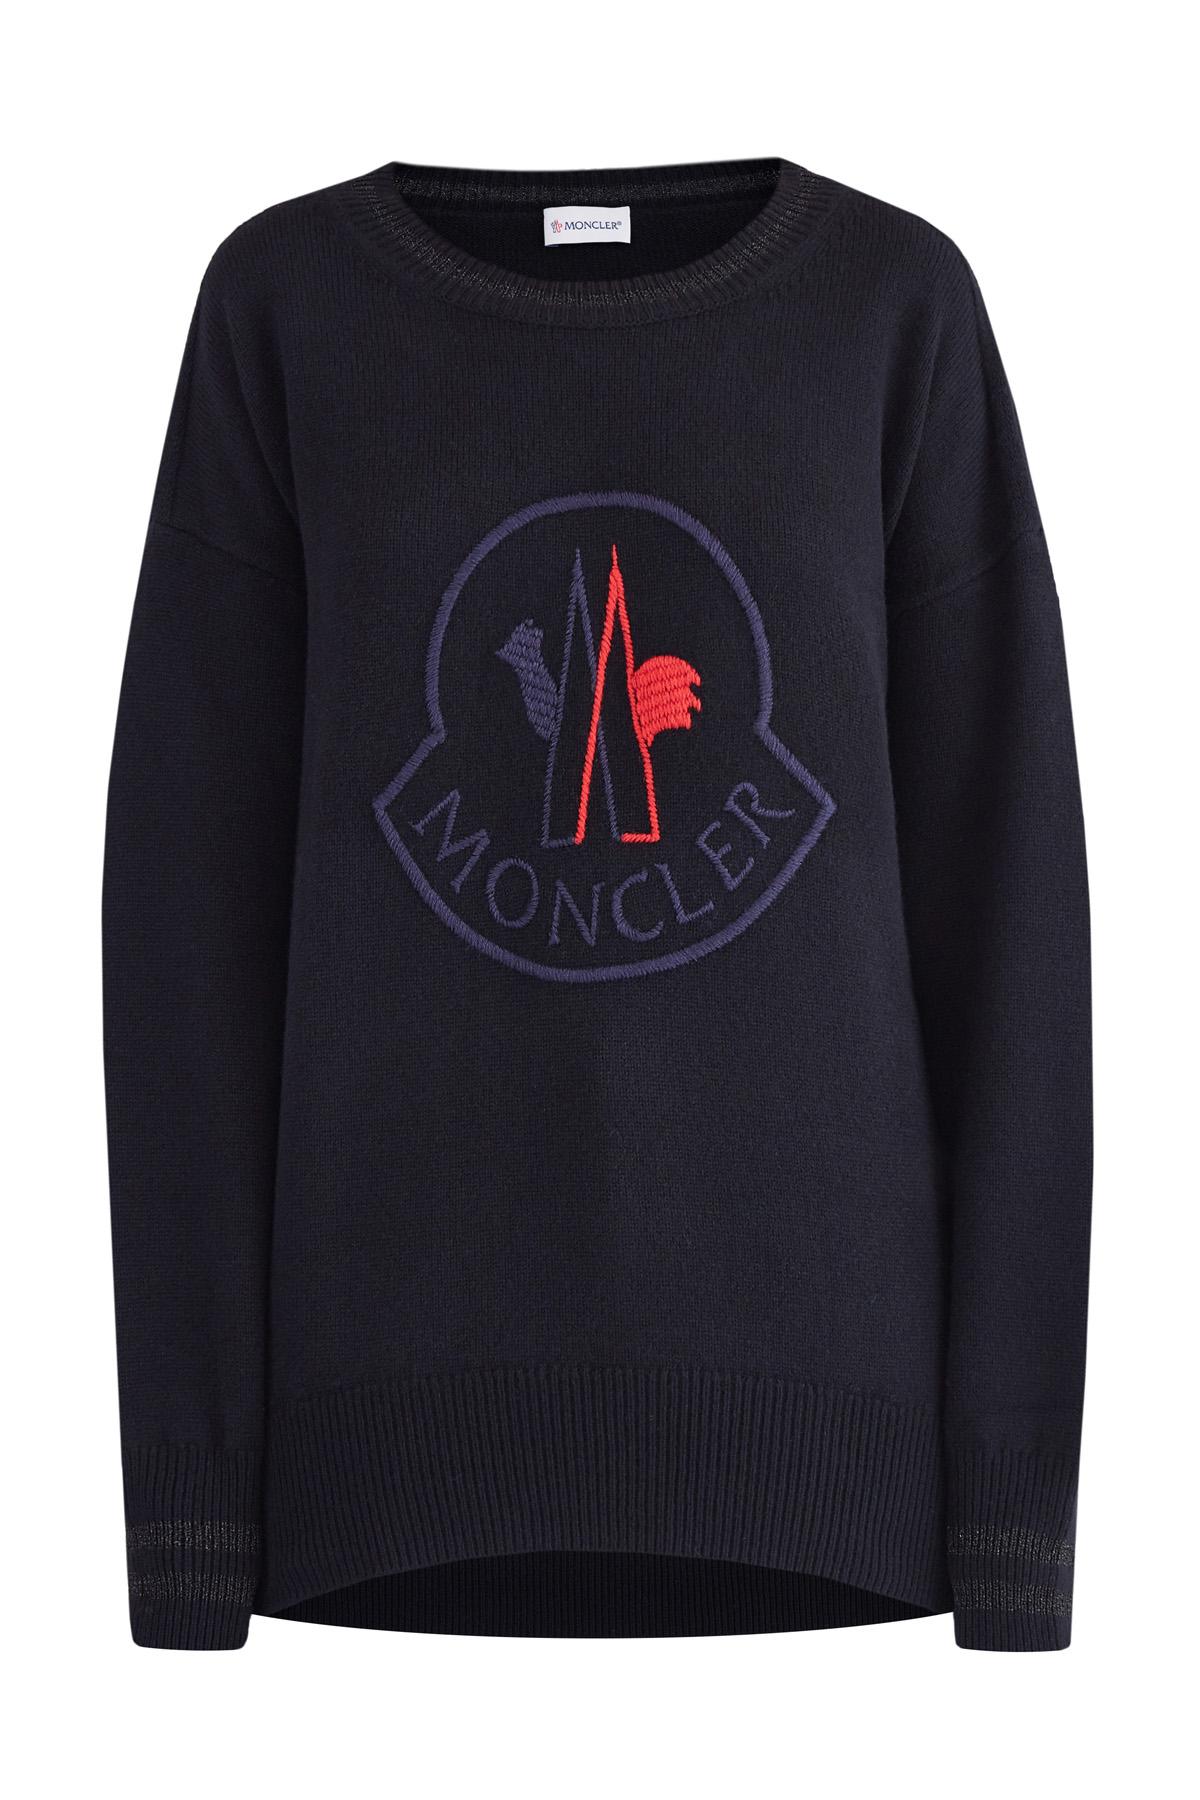 Джемпер из шерсти и кашемира с вышитым макро-логотипом бренда фото